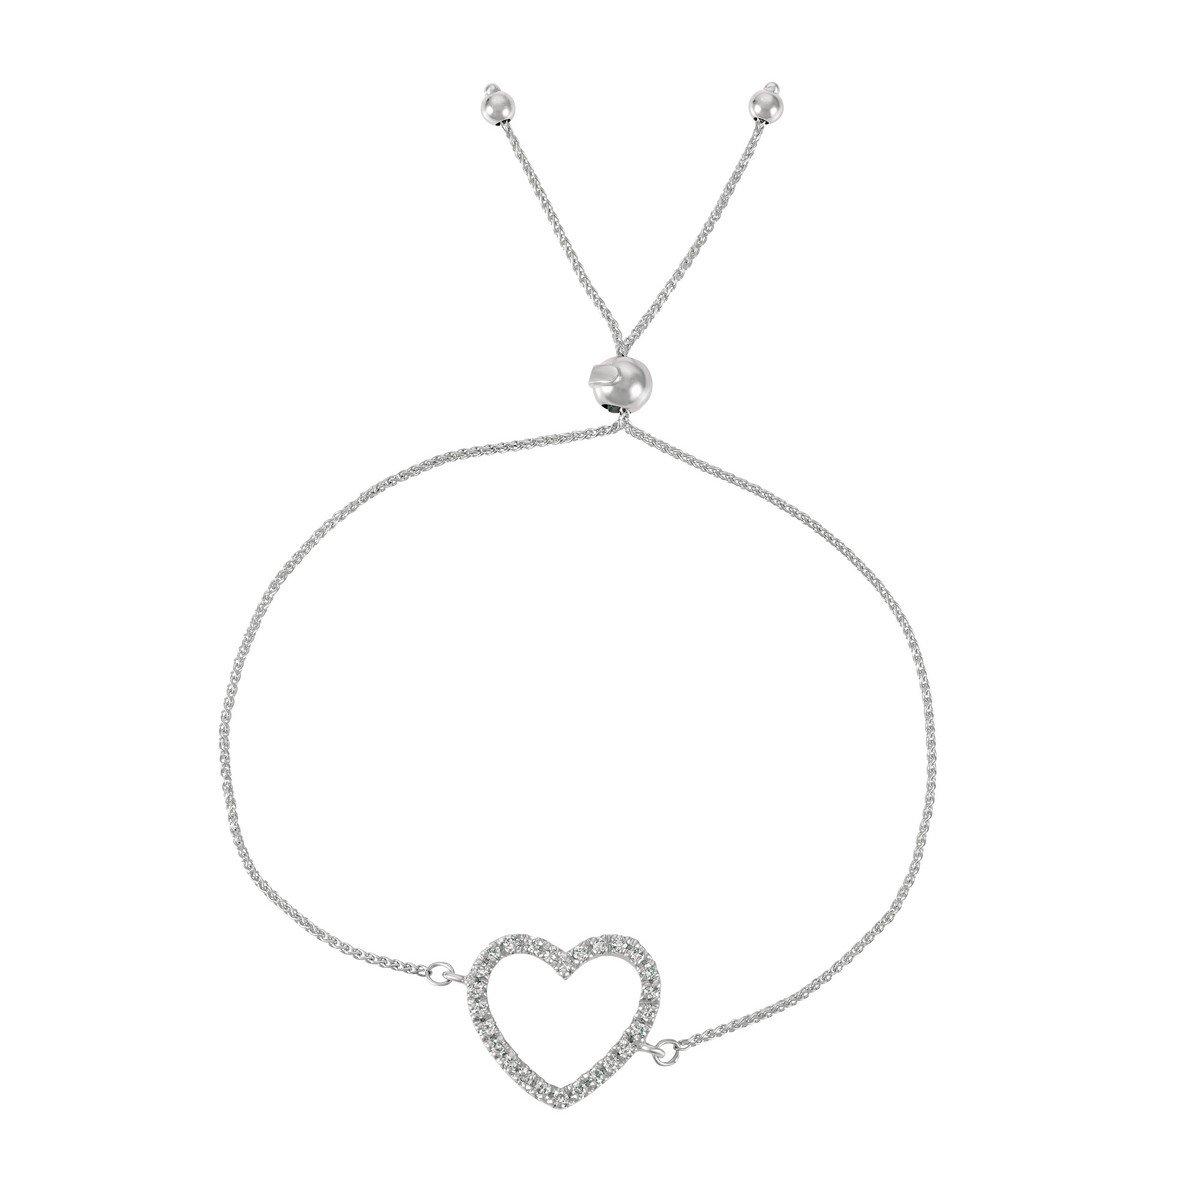 Bolo Diamond Heart Adjustable Friendship Bracelet 14k White Gold (0.25ct)